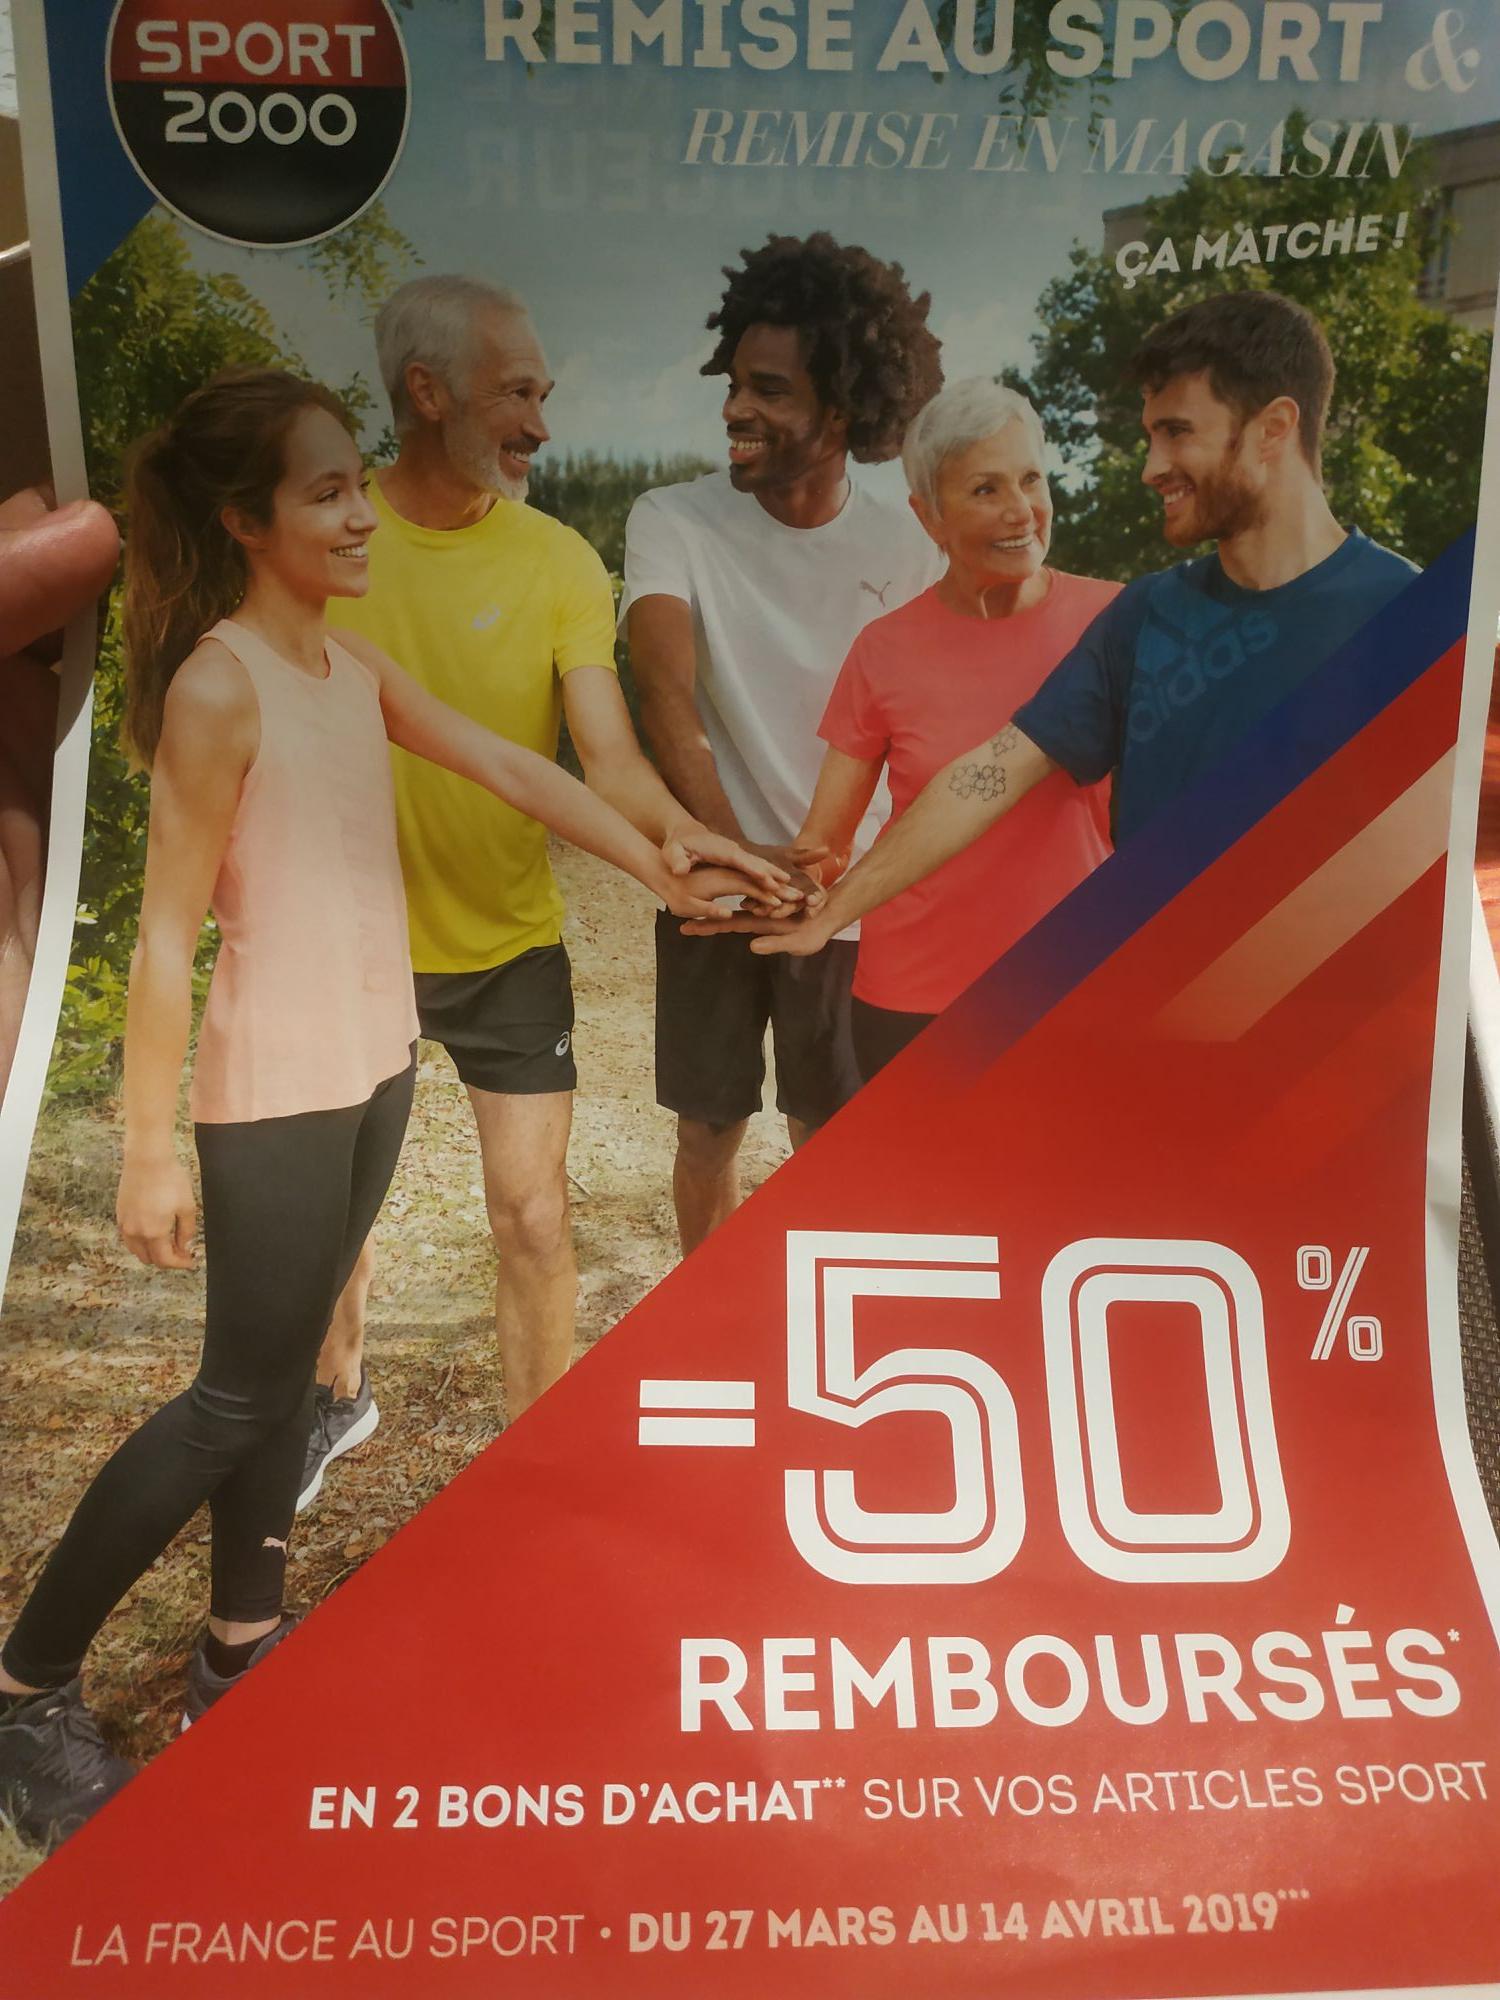 50% remboursés sur les Chaussures et Textile Sportif en 2 bons d'achat valables sur 2 semaines (hors exceptions) - Mandelieu-la-Napoule (06)